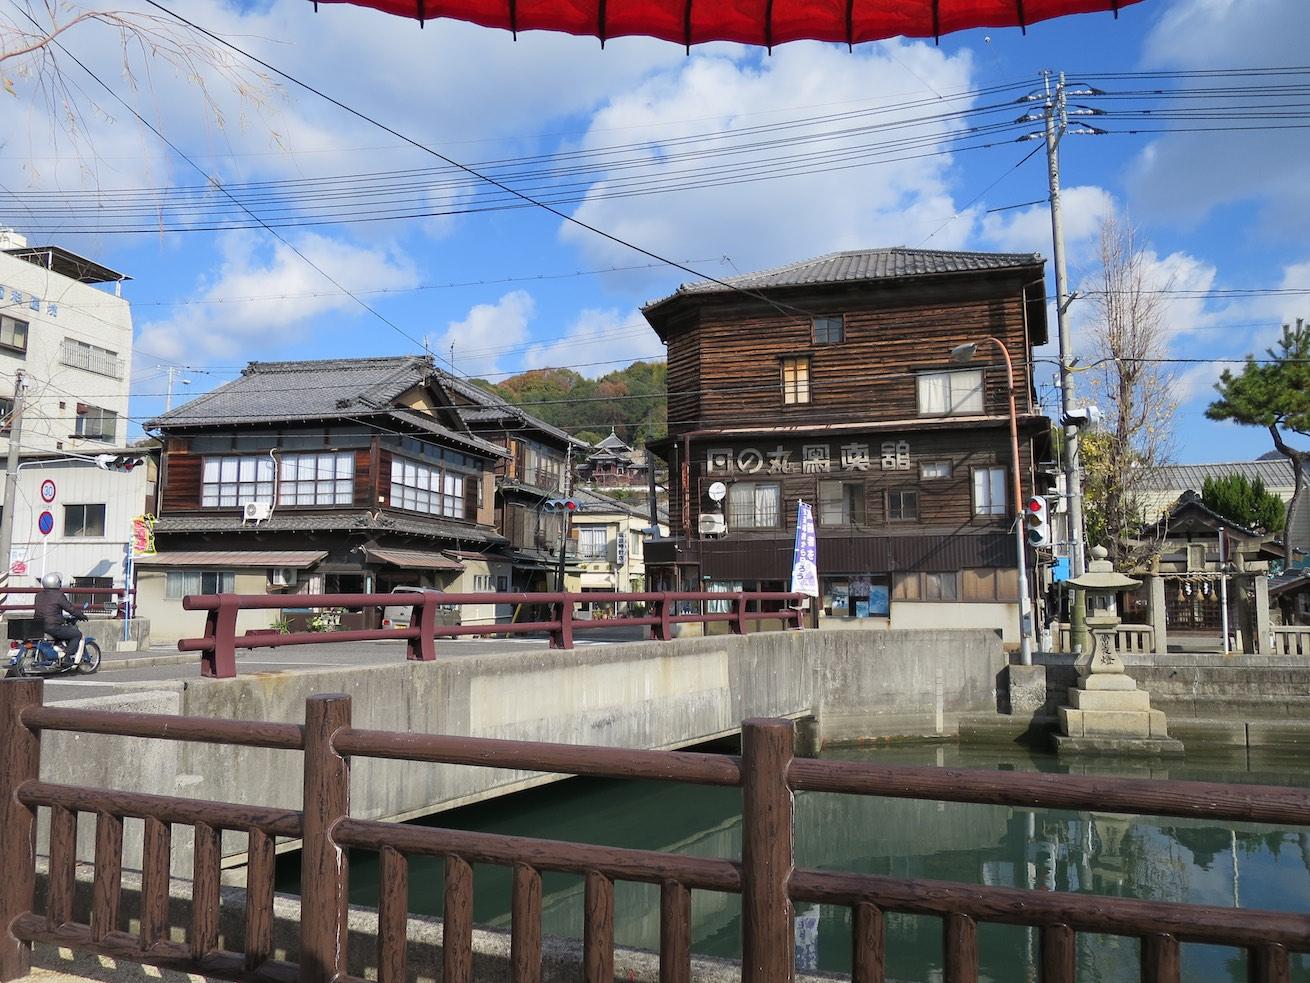 takehara city